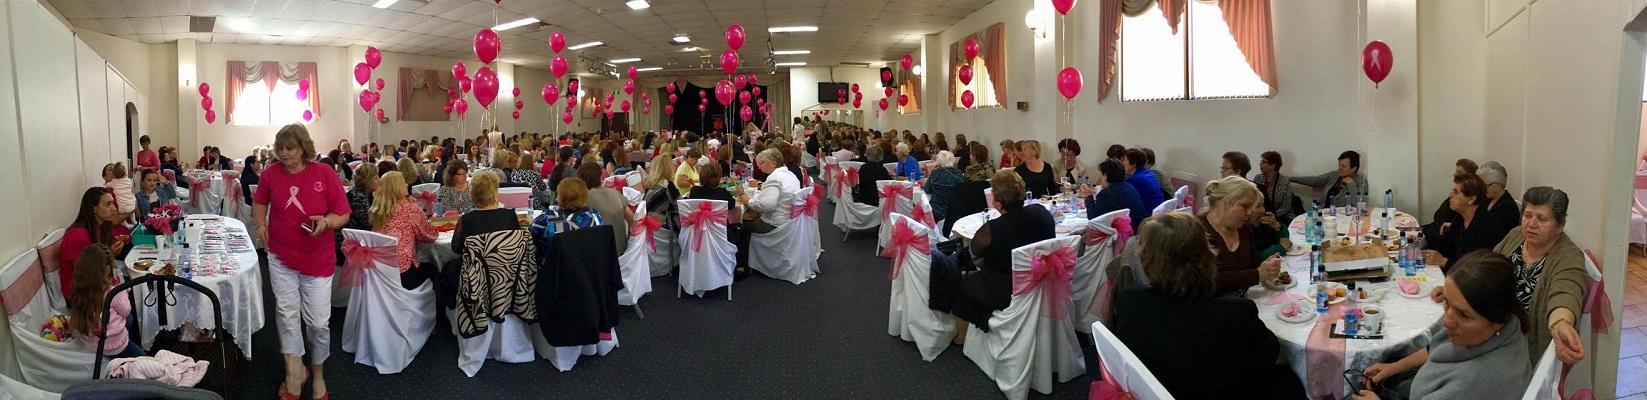 """Хуманитарен појадок на """"Розевата панделка"""" во Црквата Света Петка во Сиднеј"""